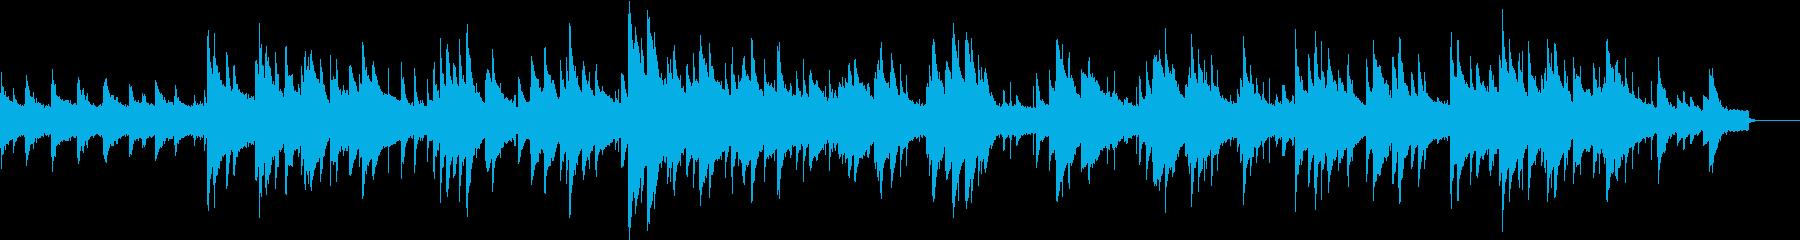 チェレスタとパイプオルガンの聖なる曲の再生済みの波形